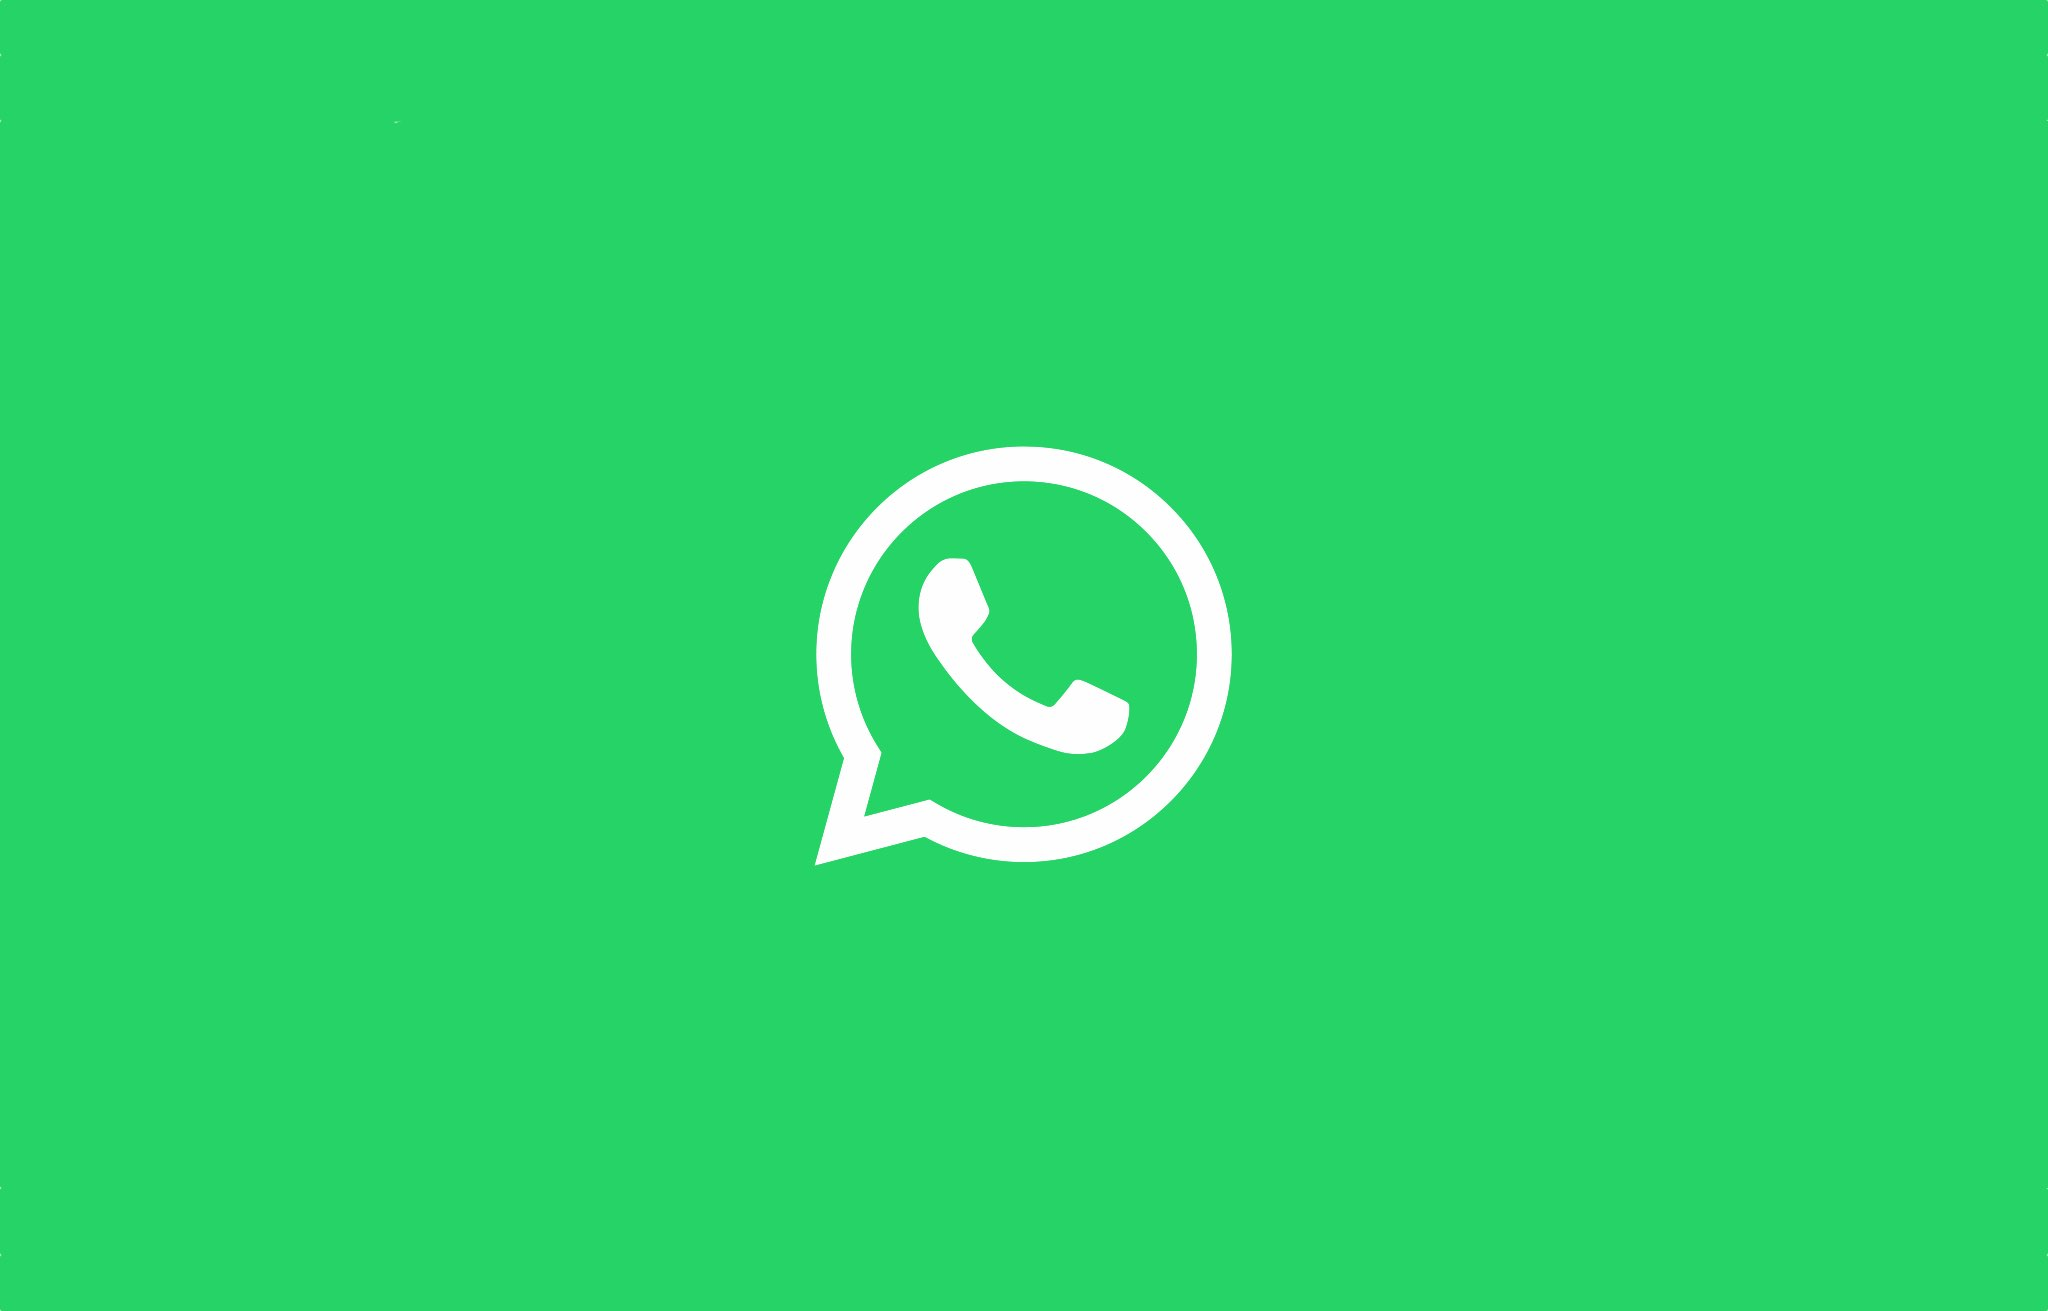 Whatsapp dark mode attivazione